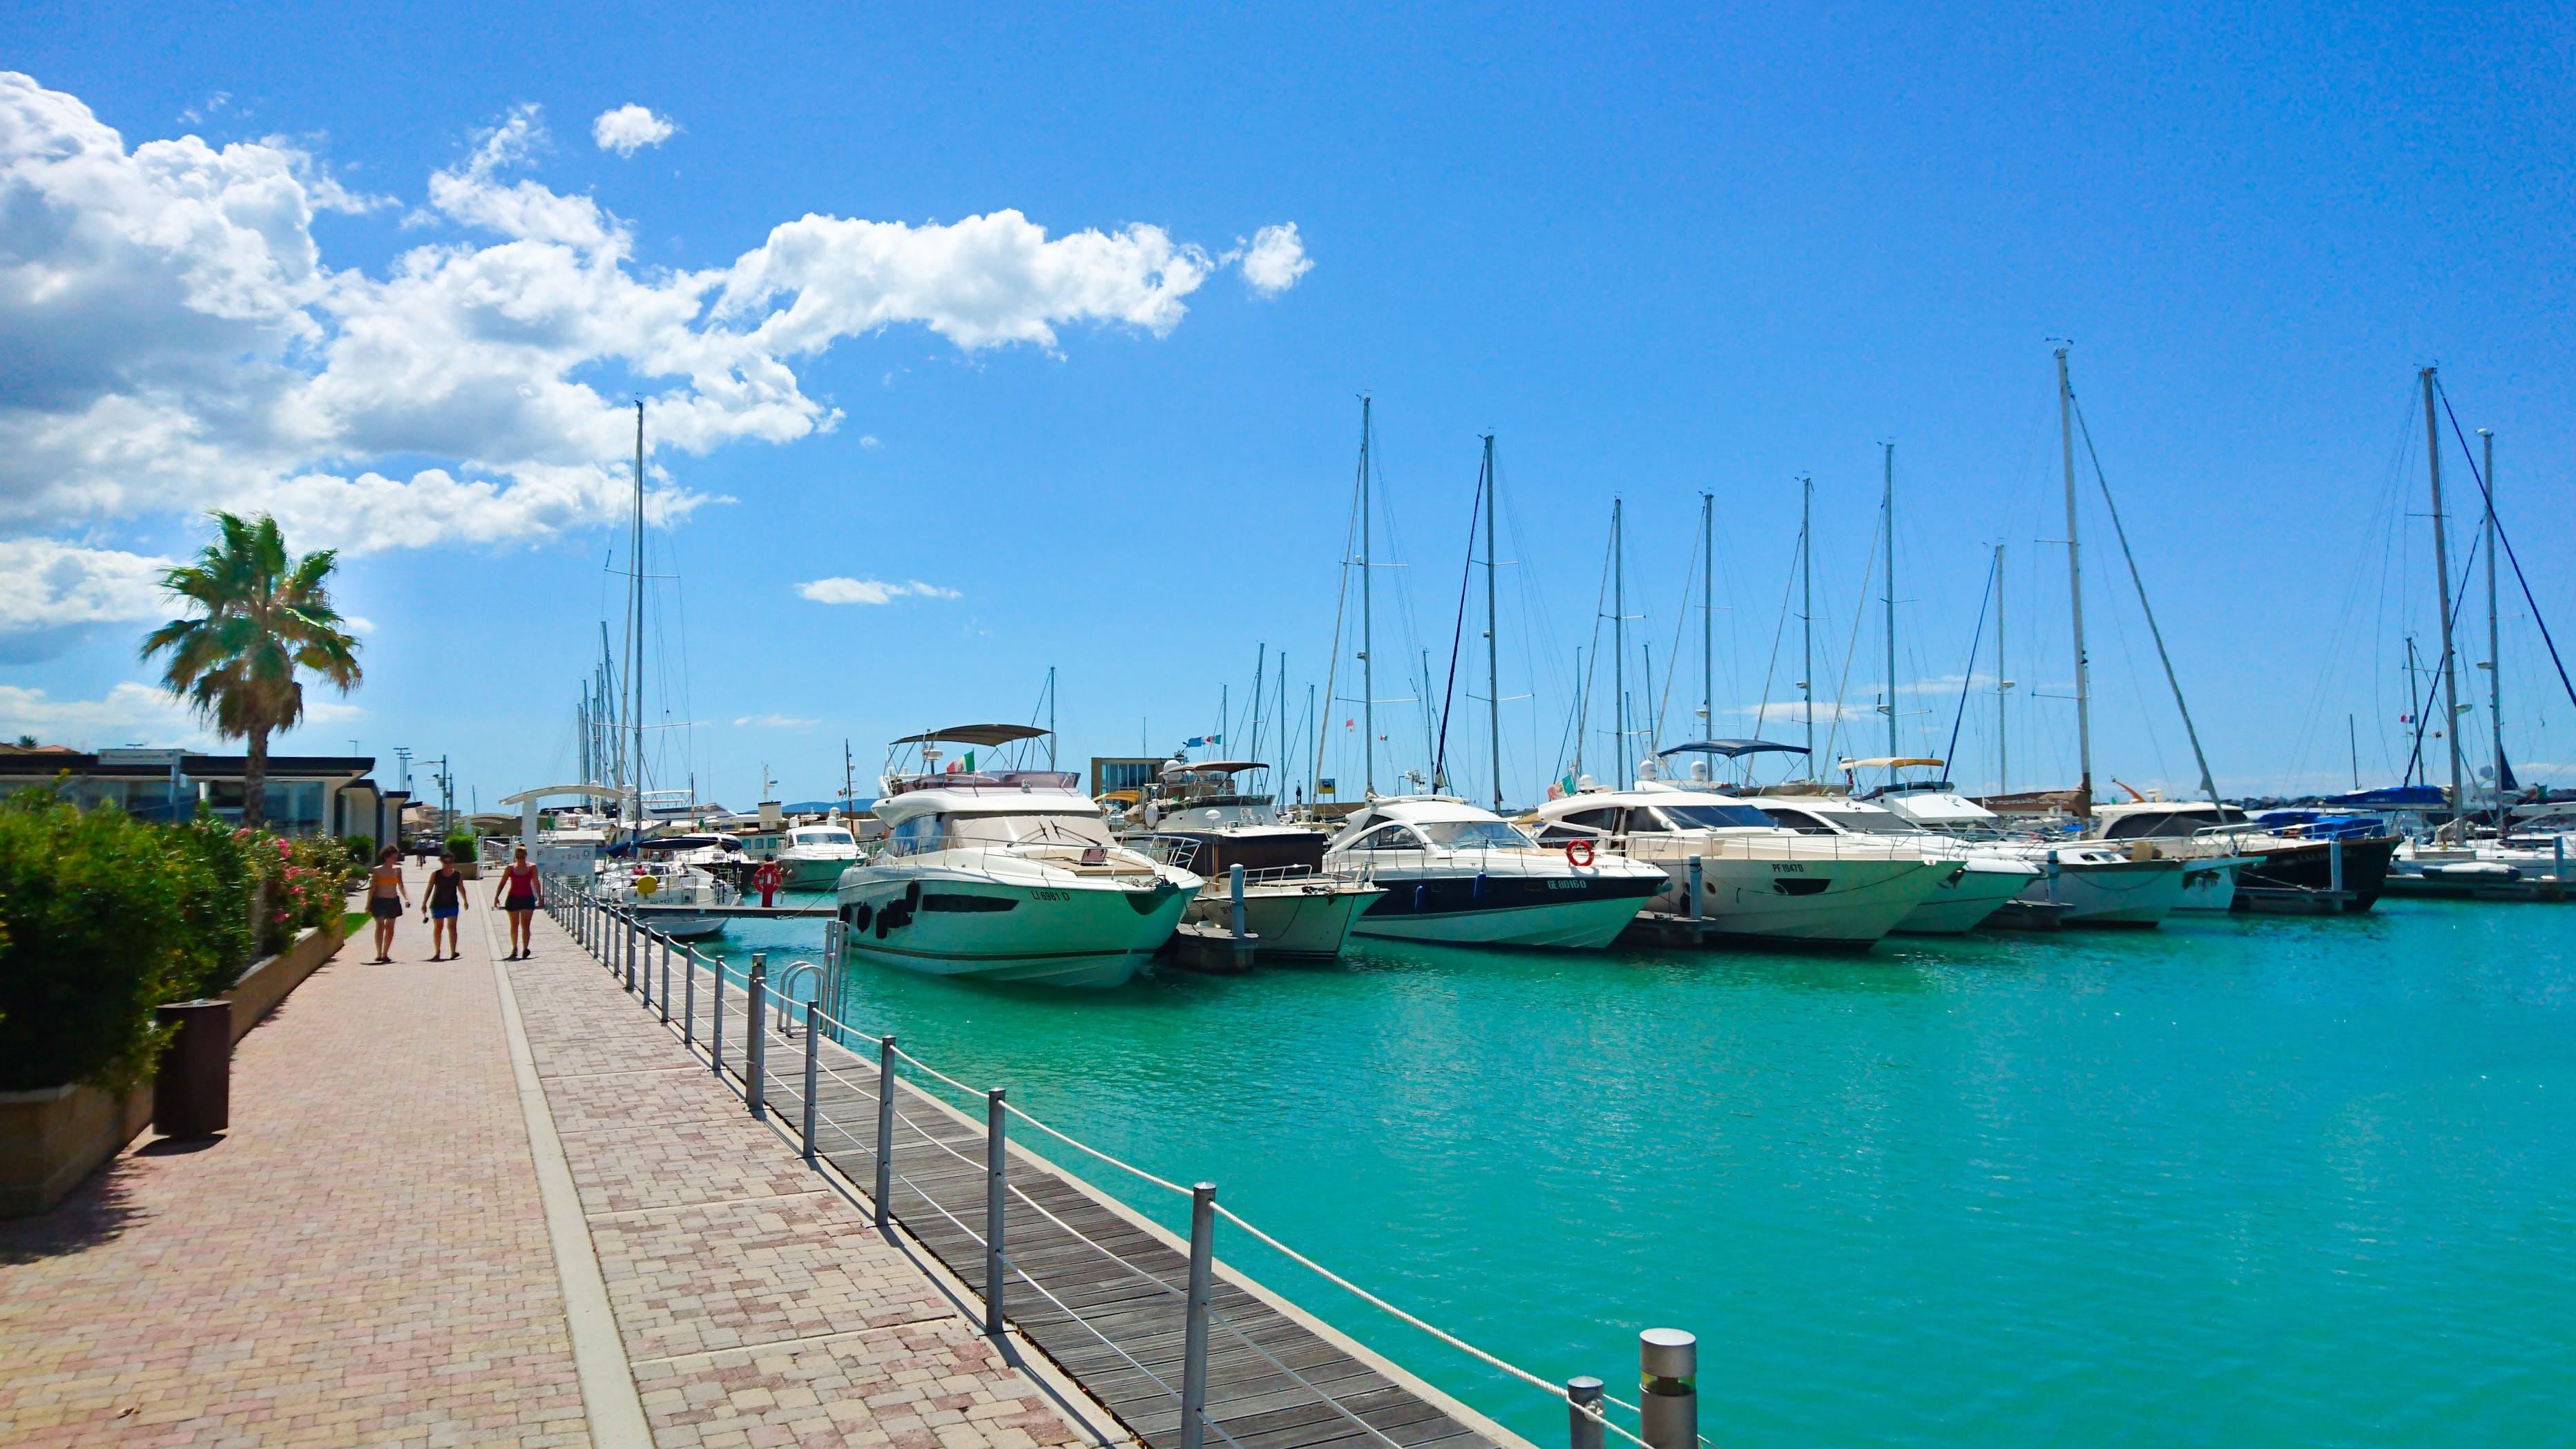 Free stock photo of water, boats, sailboats, summer